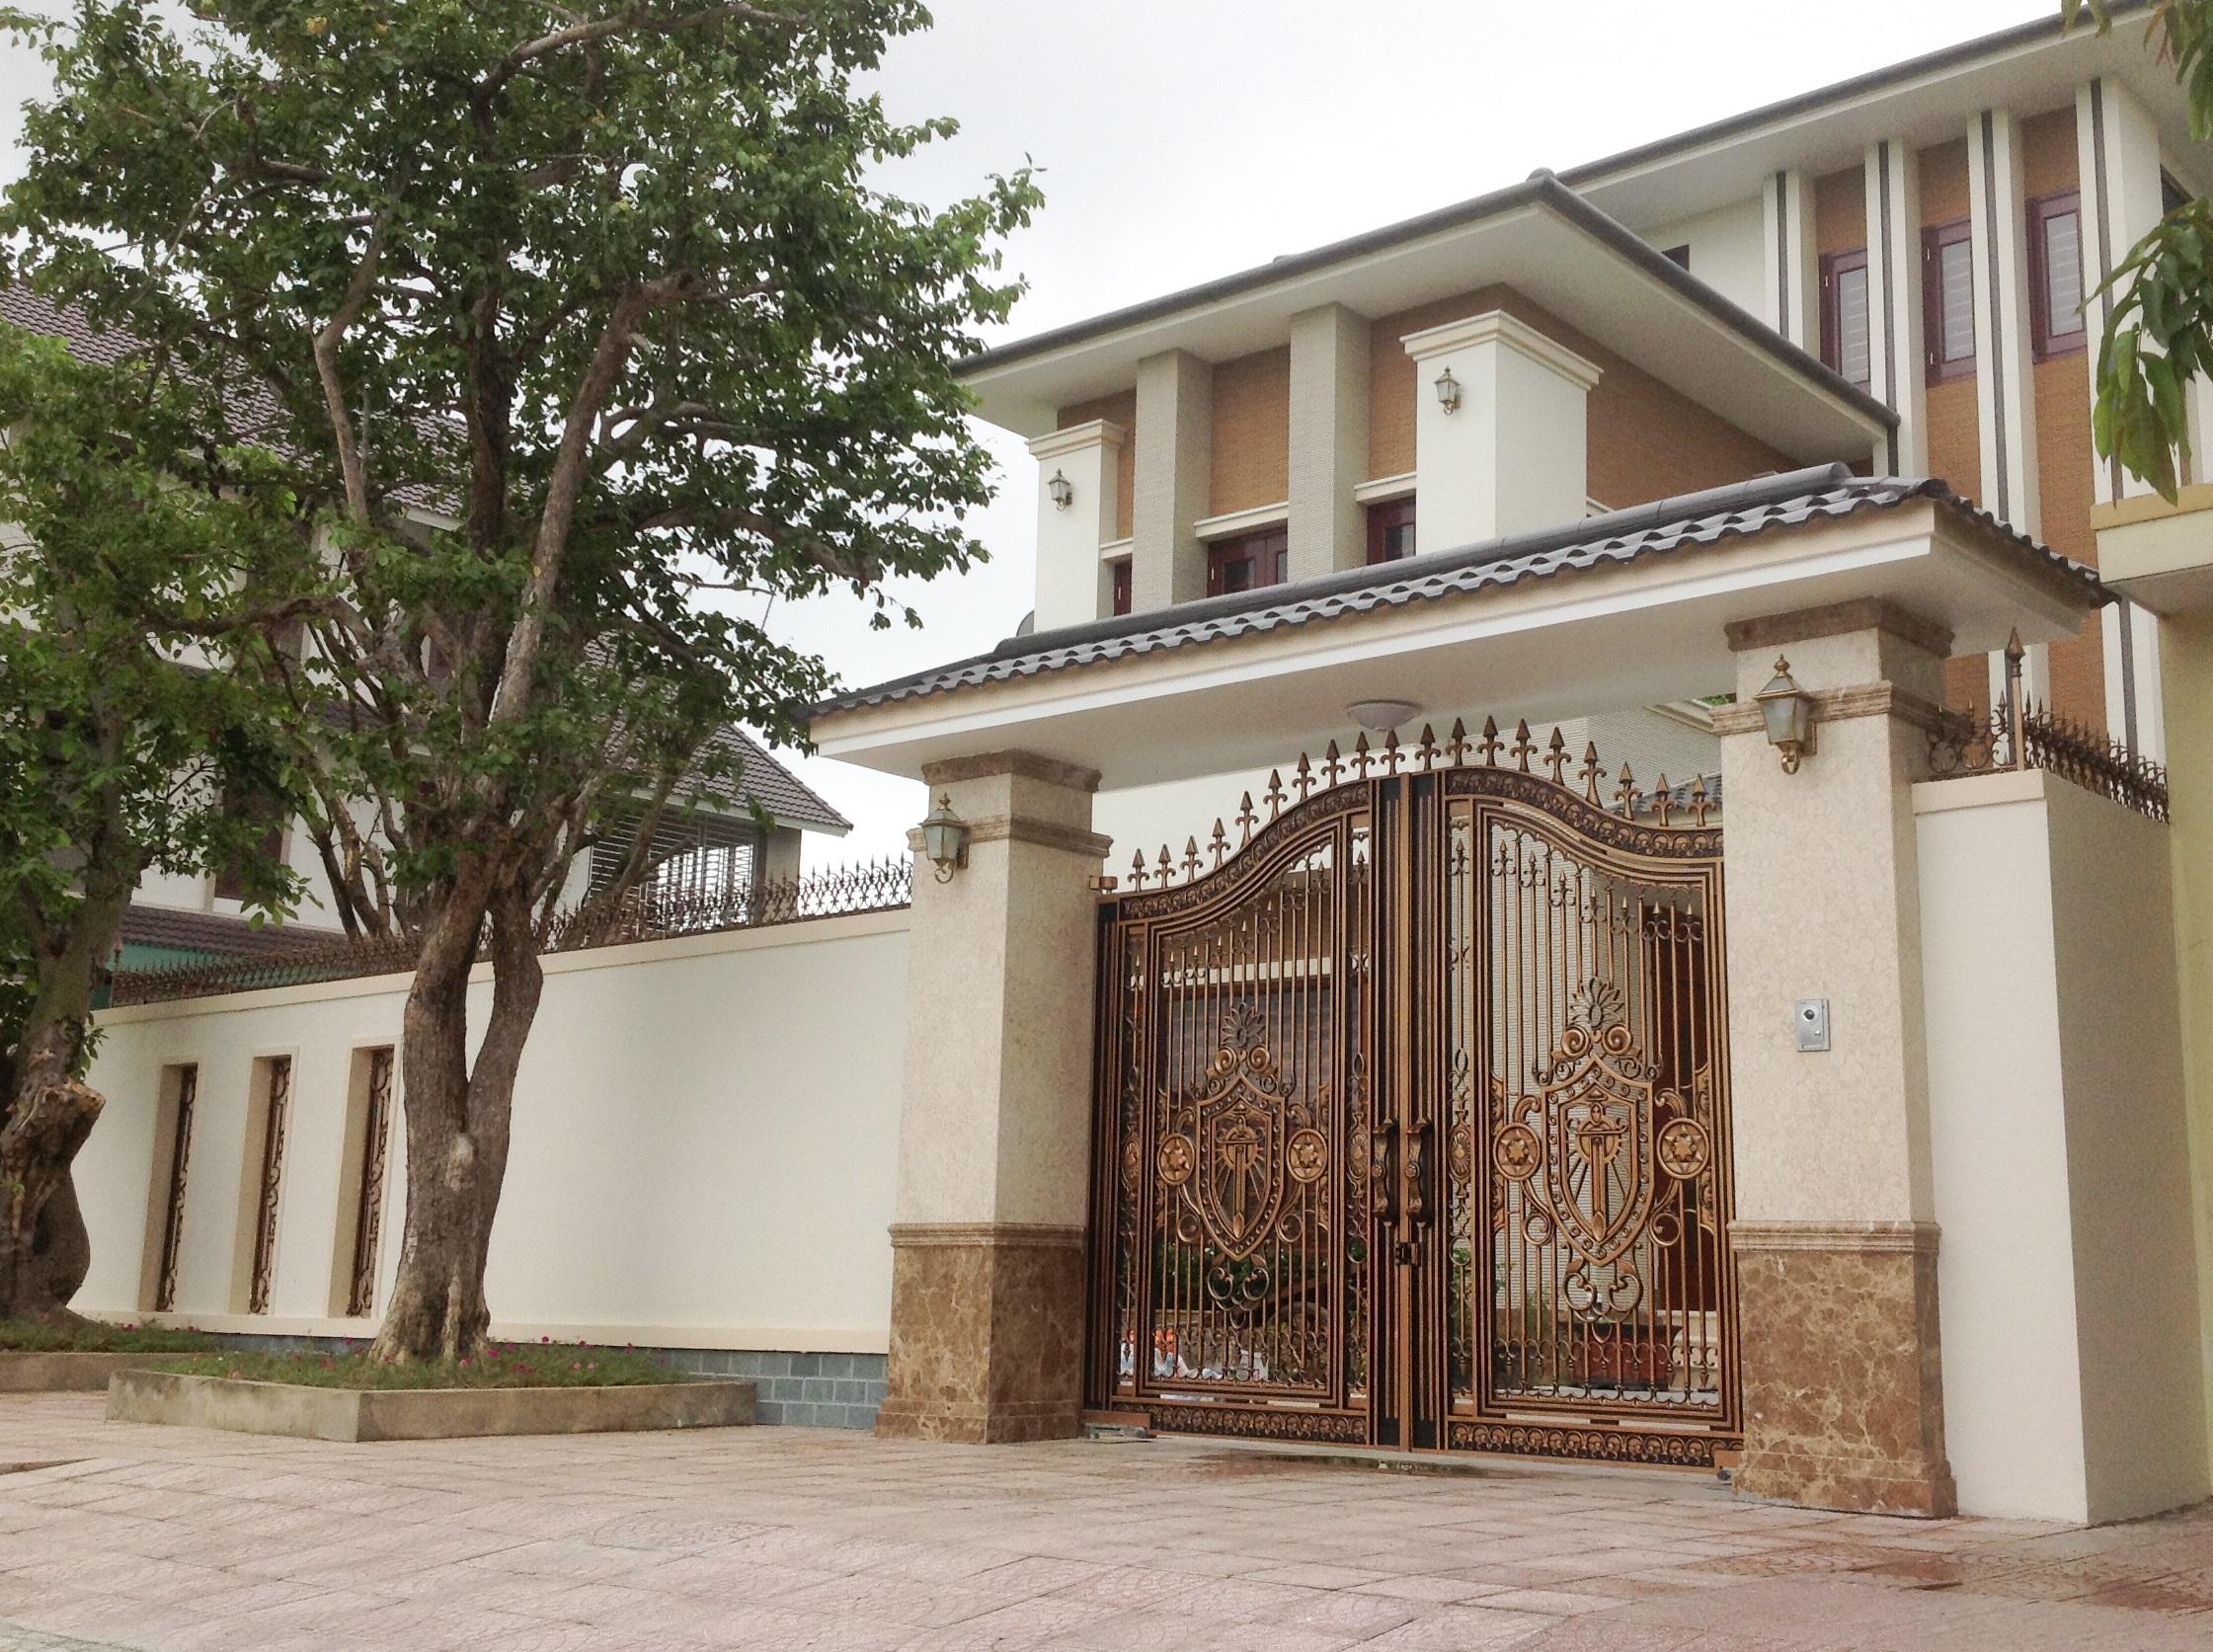 Luxury gate h t nh asuzac acm japanese aluminum casting for Luxury fences